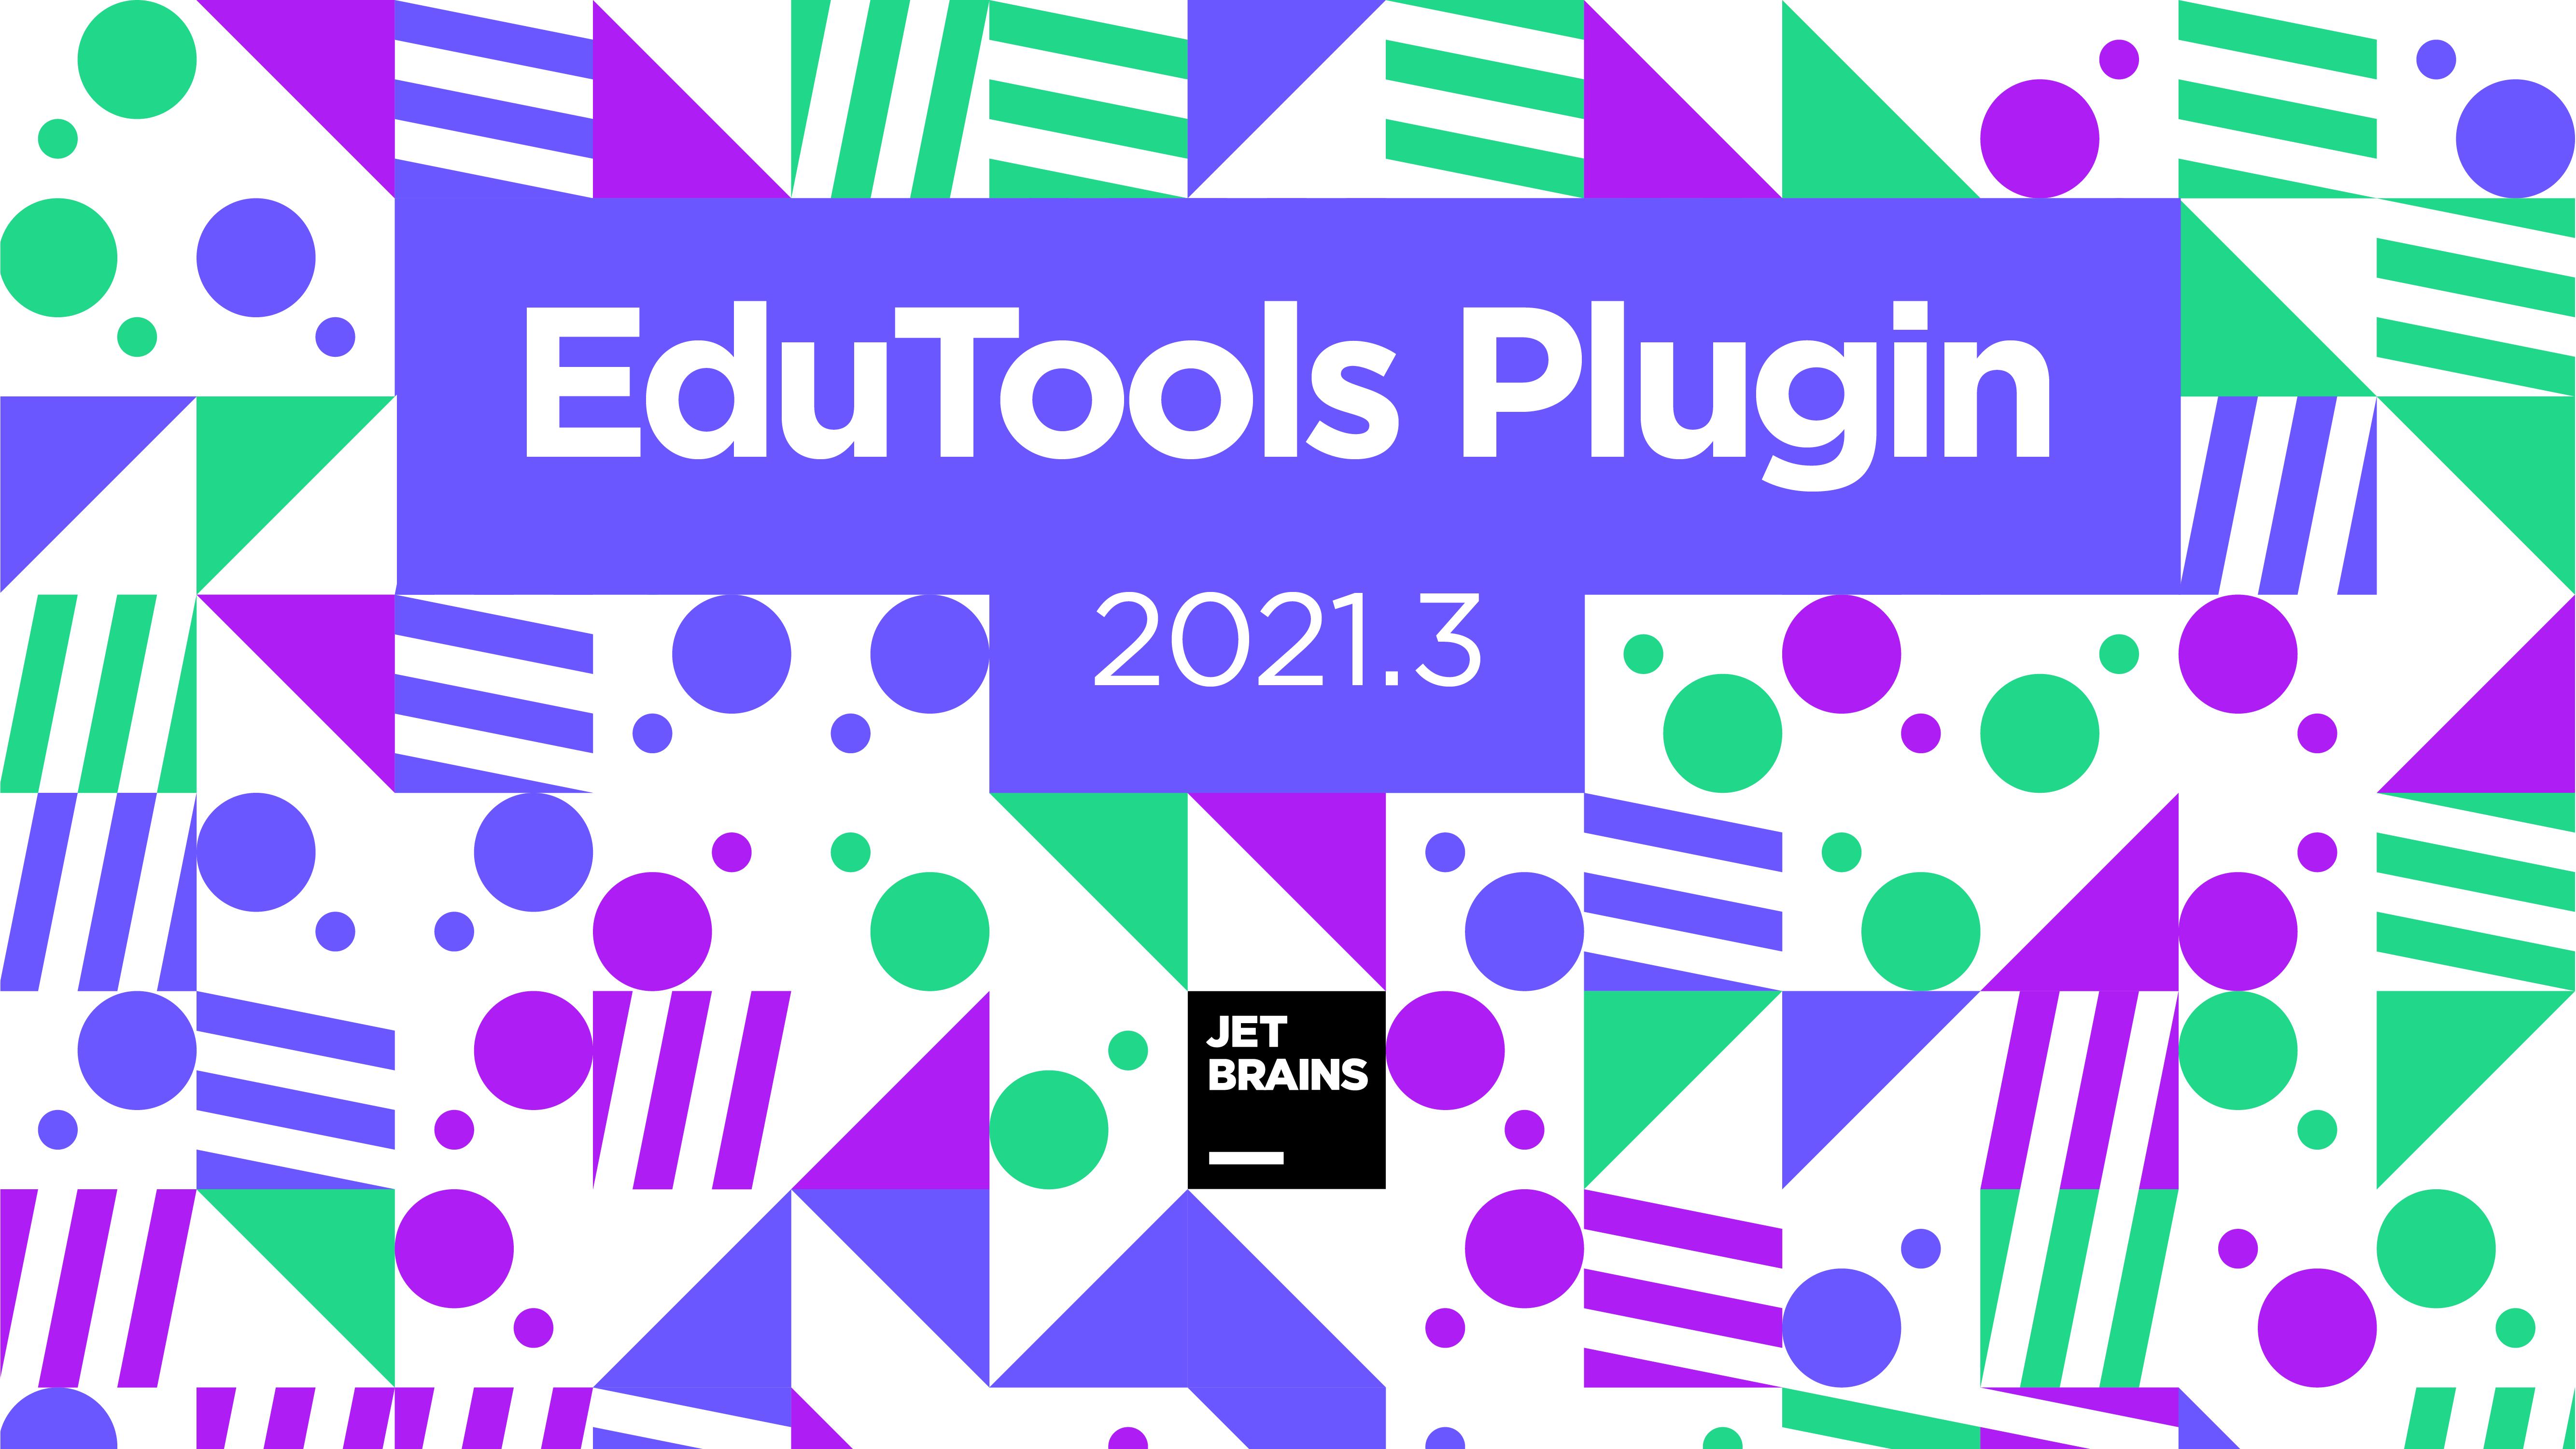 EduTools Plugin 2021.3